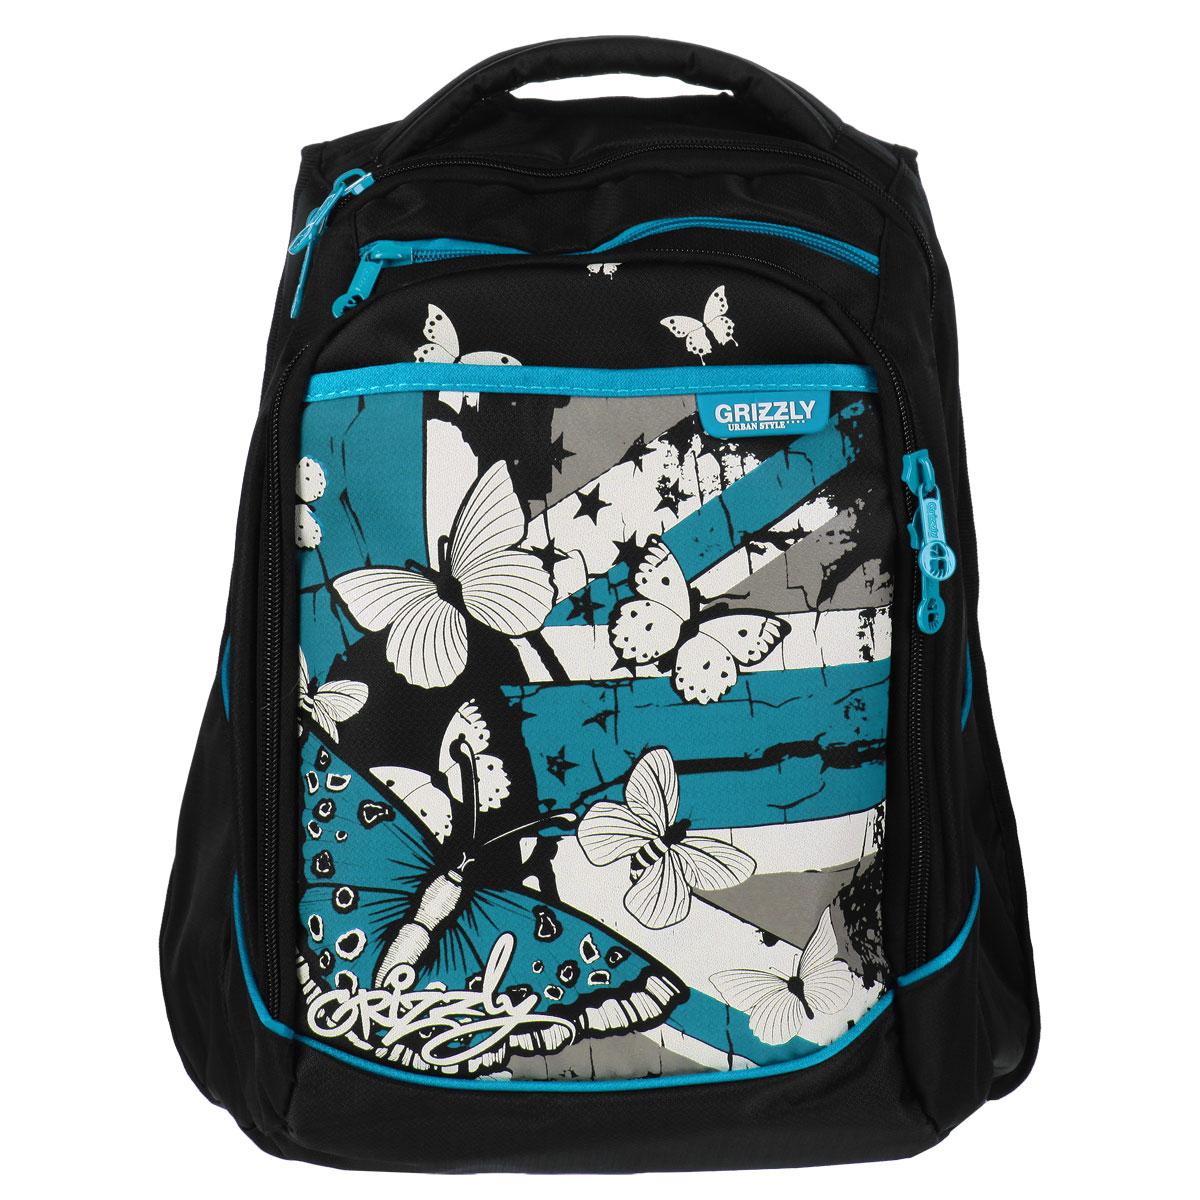 Рюкзак детский Grizzly, цвет: черный, бирюзовый. RD-526-1RD-526-1/1Рюкзак с двумя отделениями, карманом на передней стенке на молнии, дополнительным карманом в переднем отделении, боковыми карманами с сеткой, карманом-пеналом, укрепленными лямками и спинкой